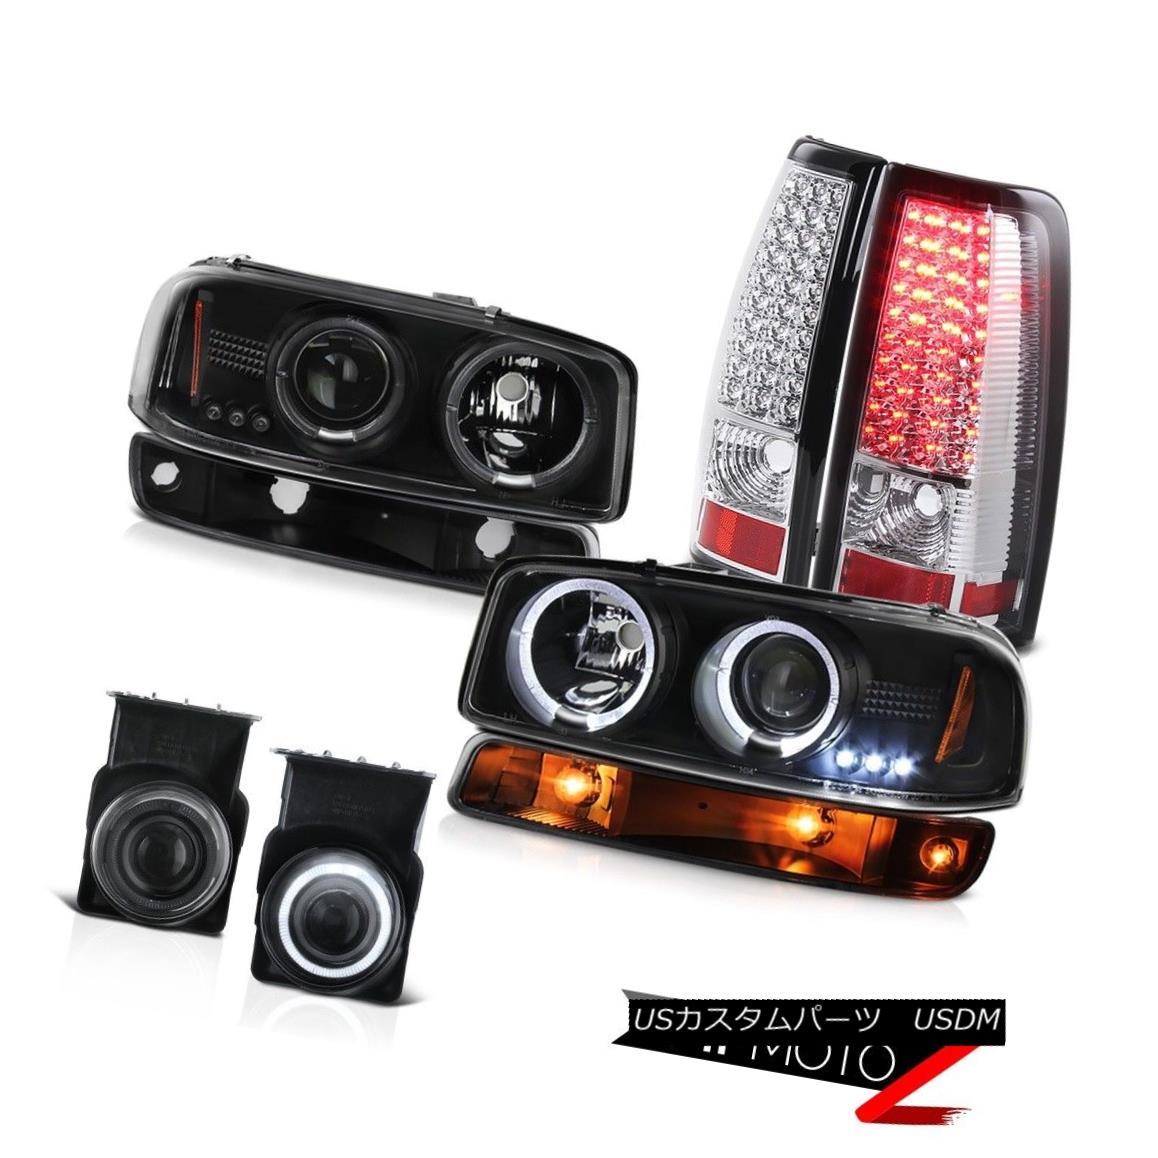 テールライト 03-06 Sierra 2500 Fog lights sterling chrome taillights signal light headlamps 03-06 Sierra 2500 Fogライト純正クロームテールライト信号ライトヘッドランプ